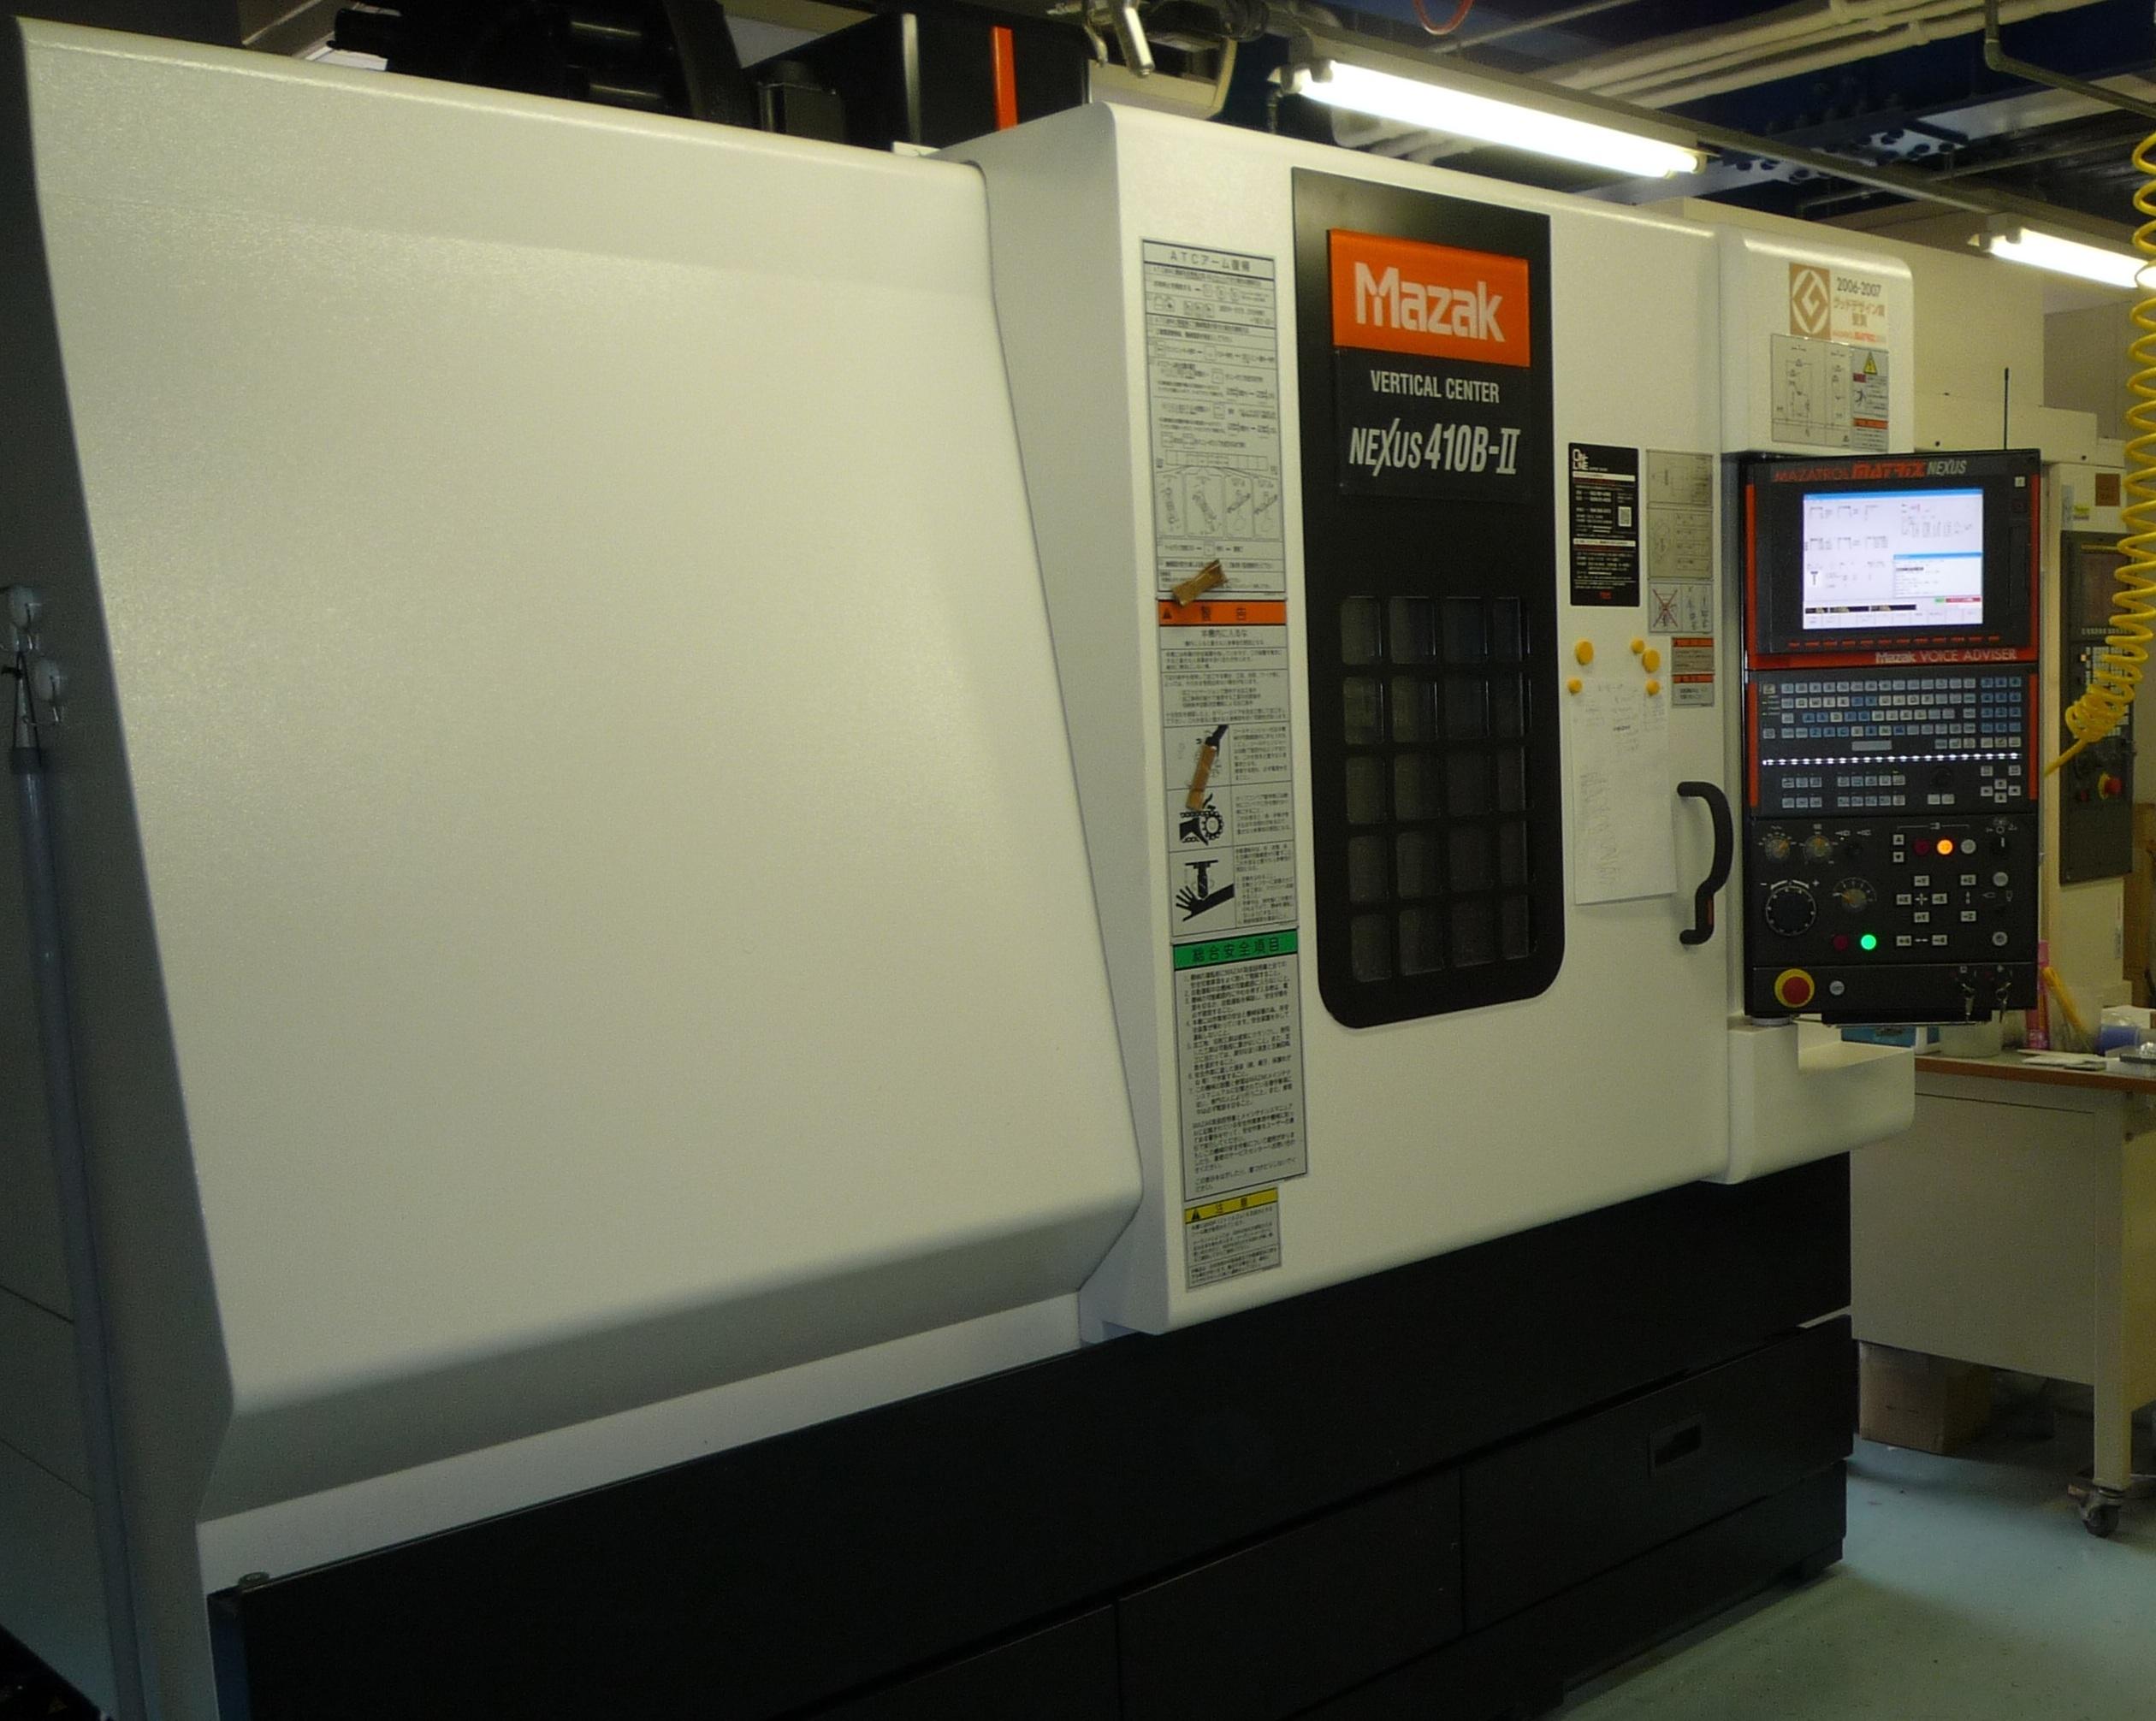 マシニングセンター(工作機械)加工モデル受託サービス